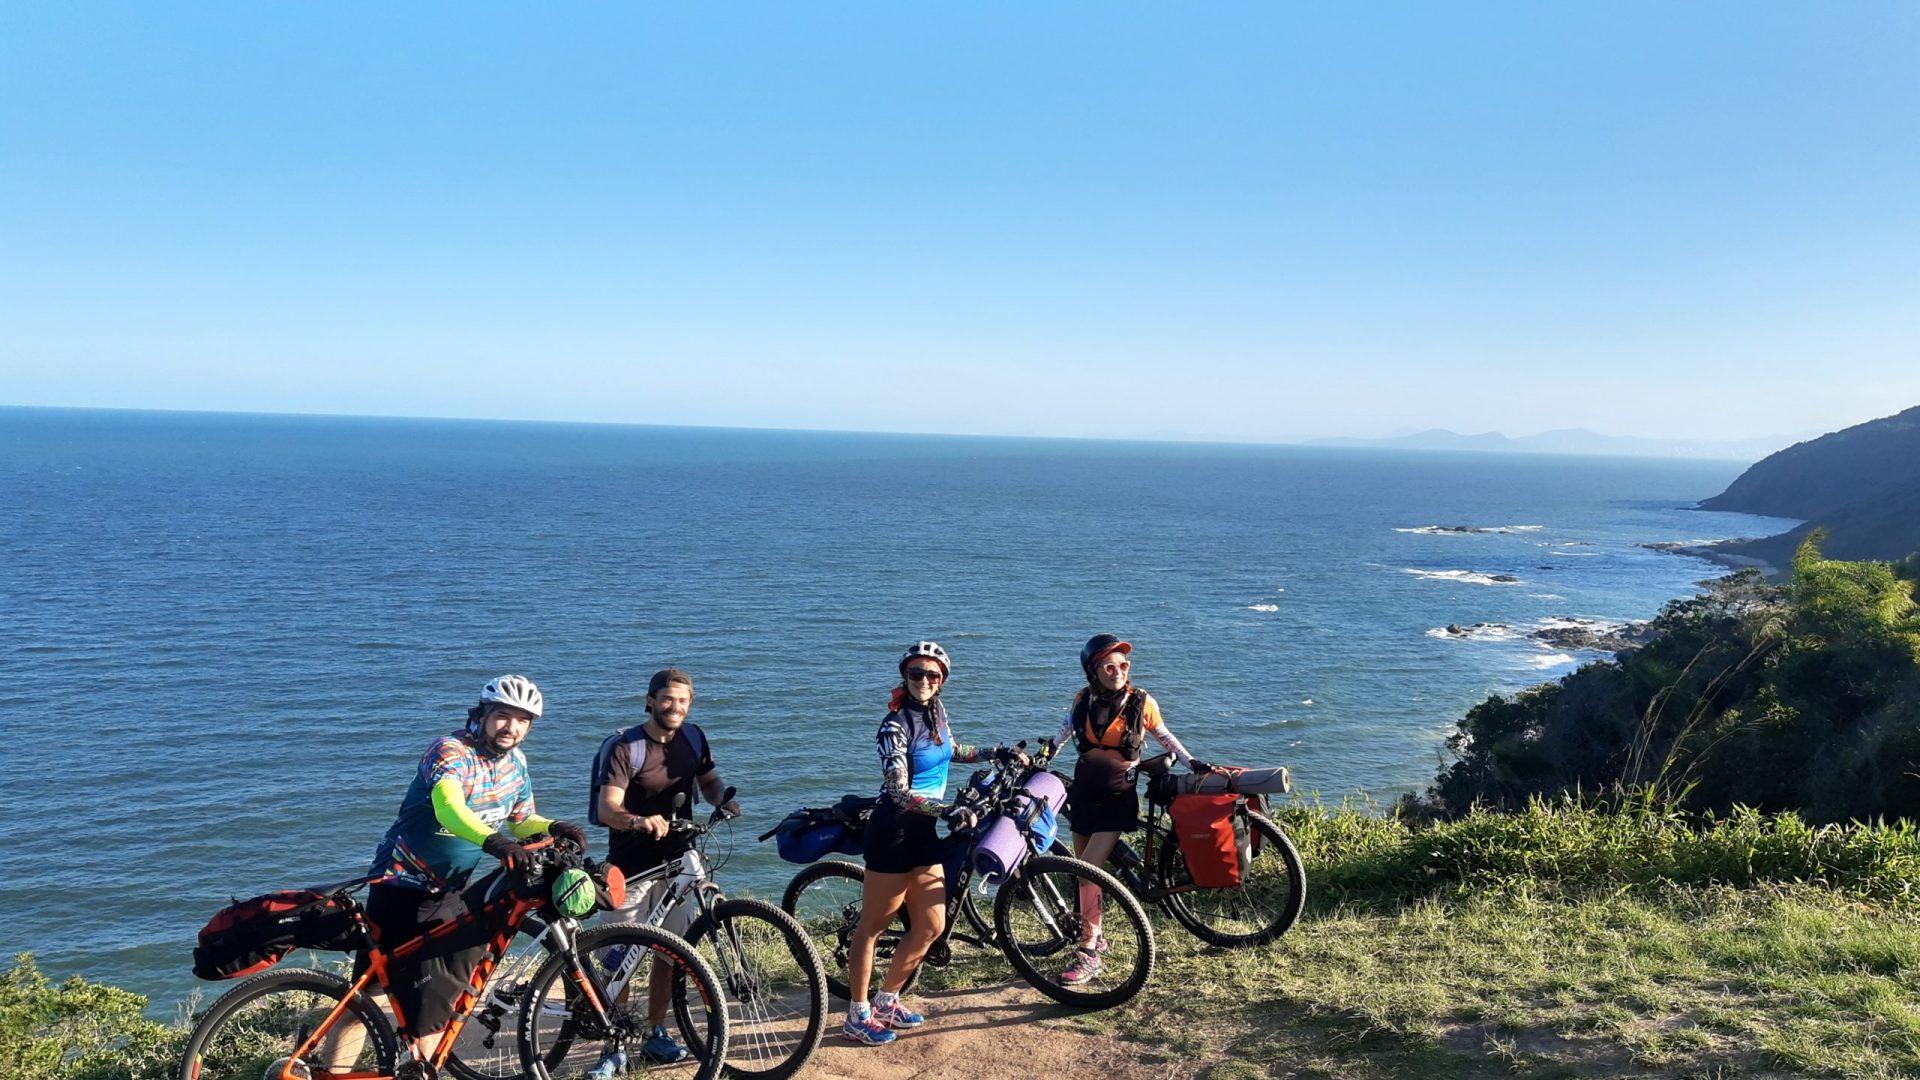 Yoga Bike - Cicloaventureiro.com.br (8)